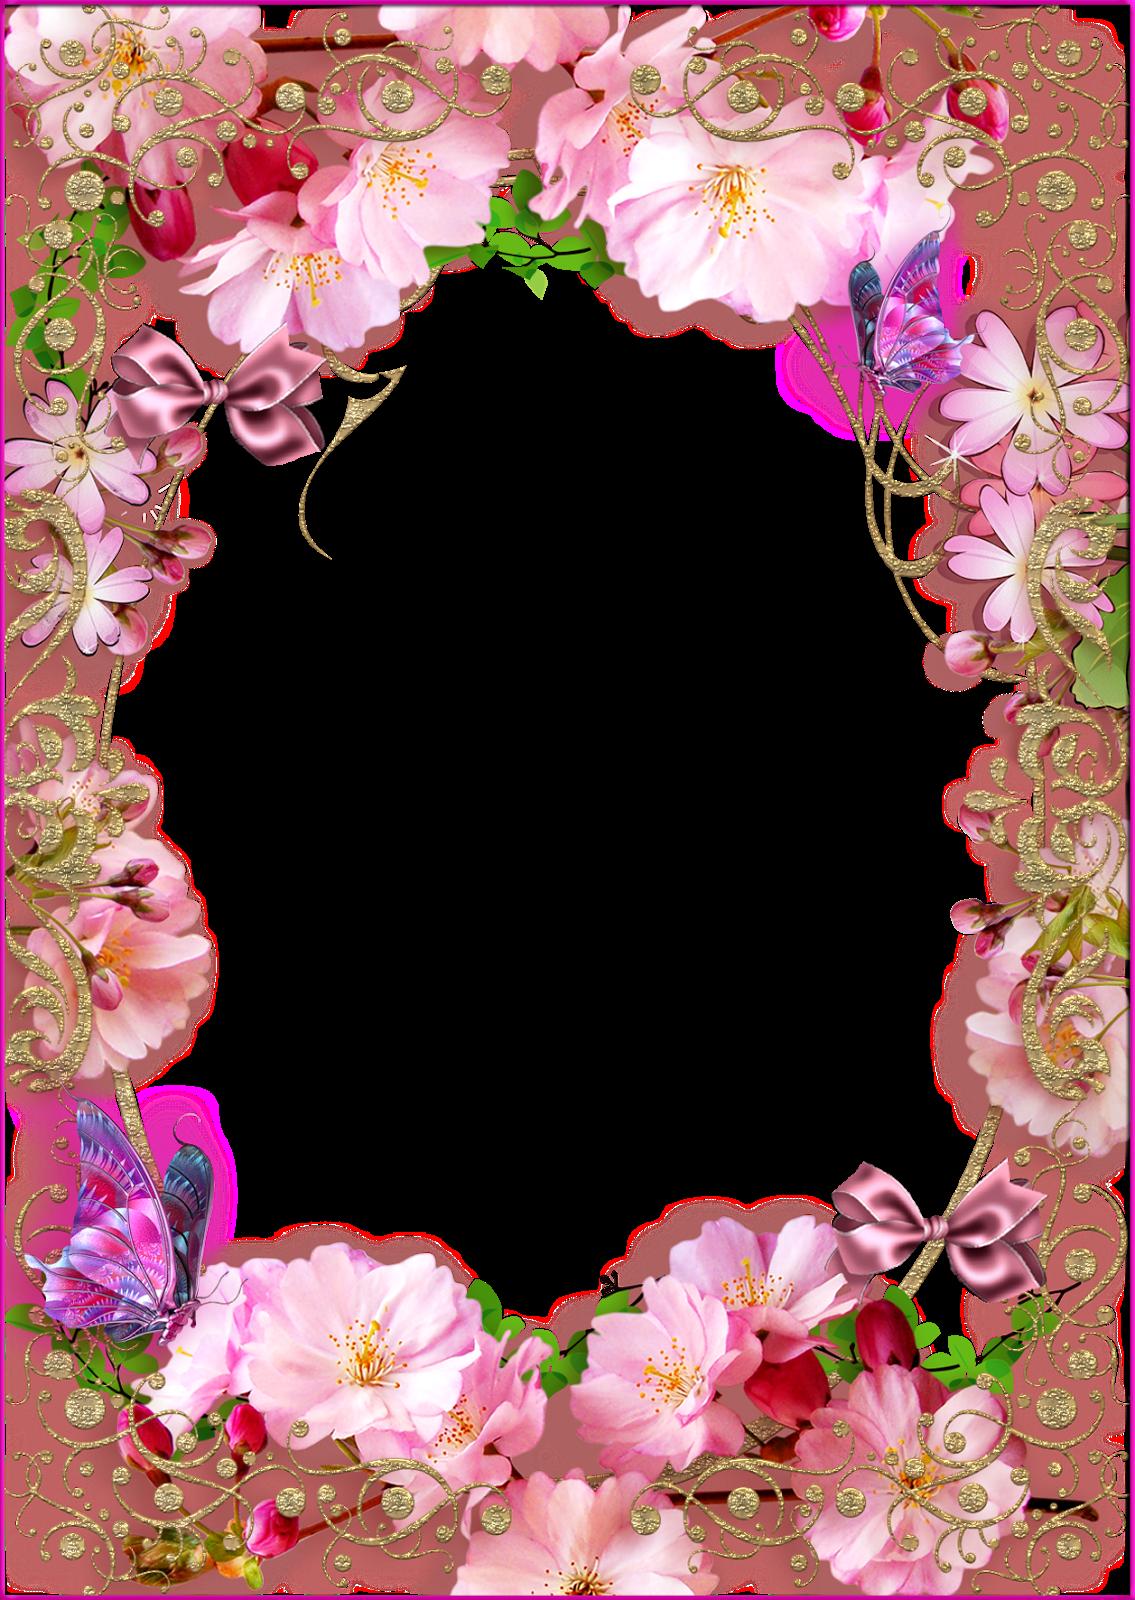 La p gina de inesita frames verticales png 1 for Fotos para cuadros grandes